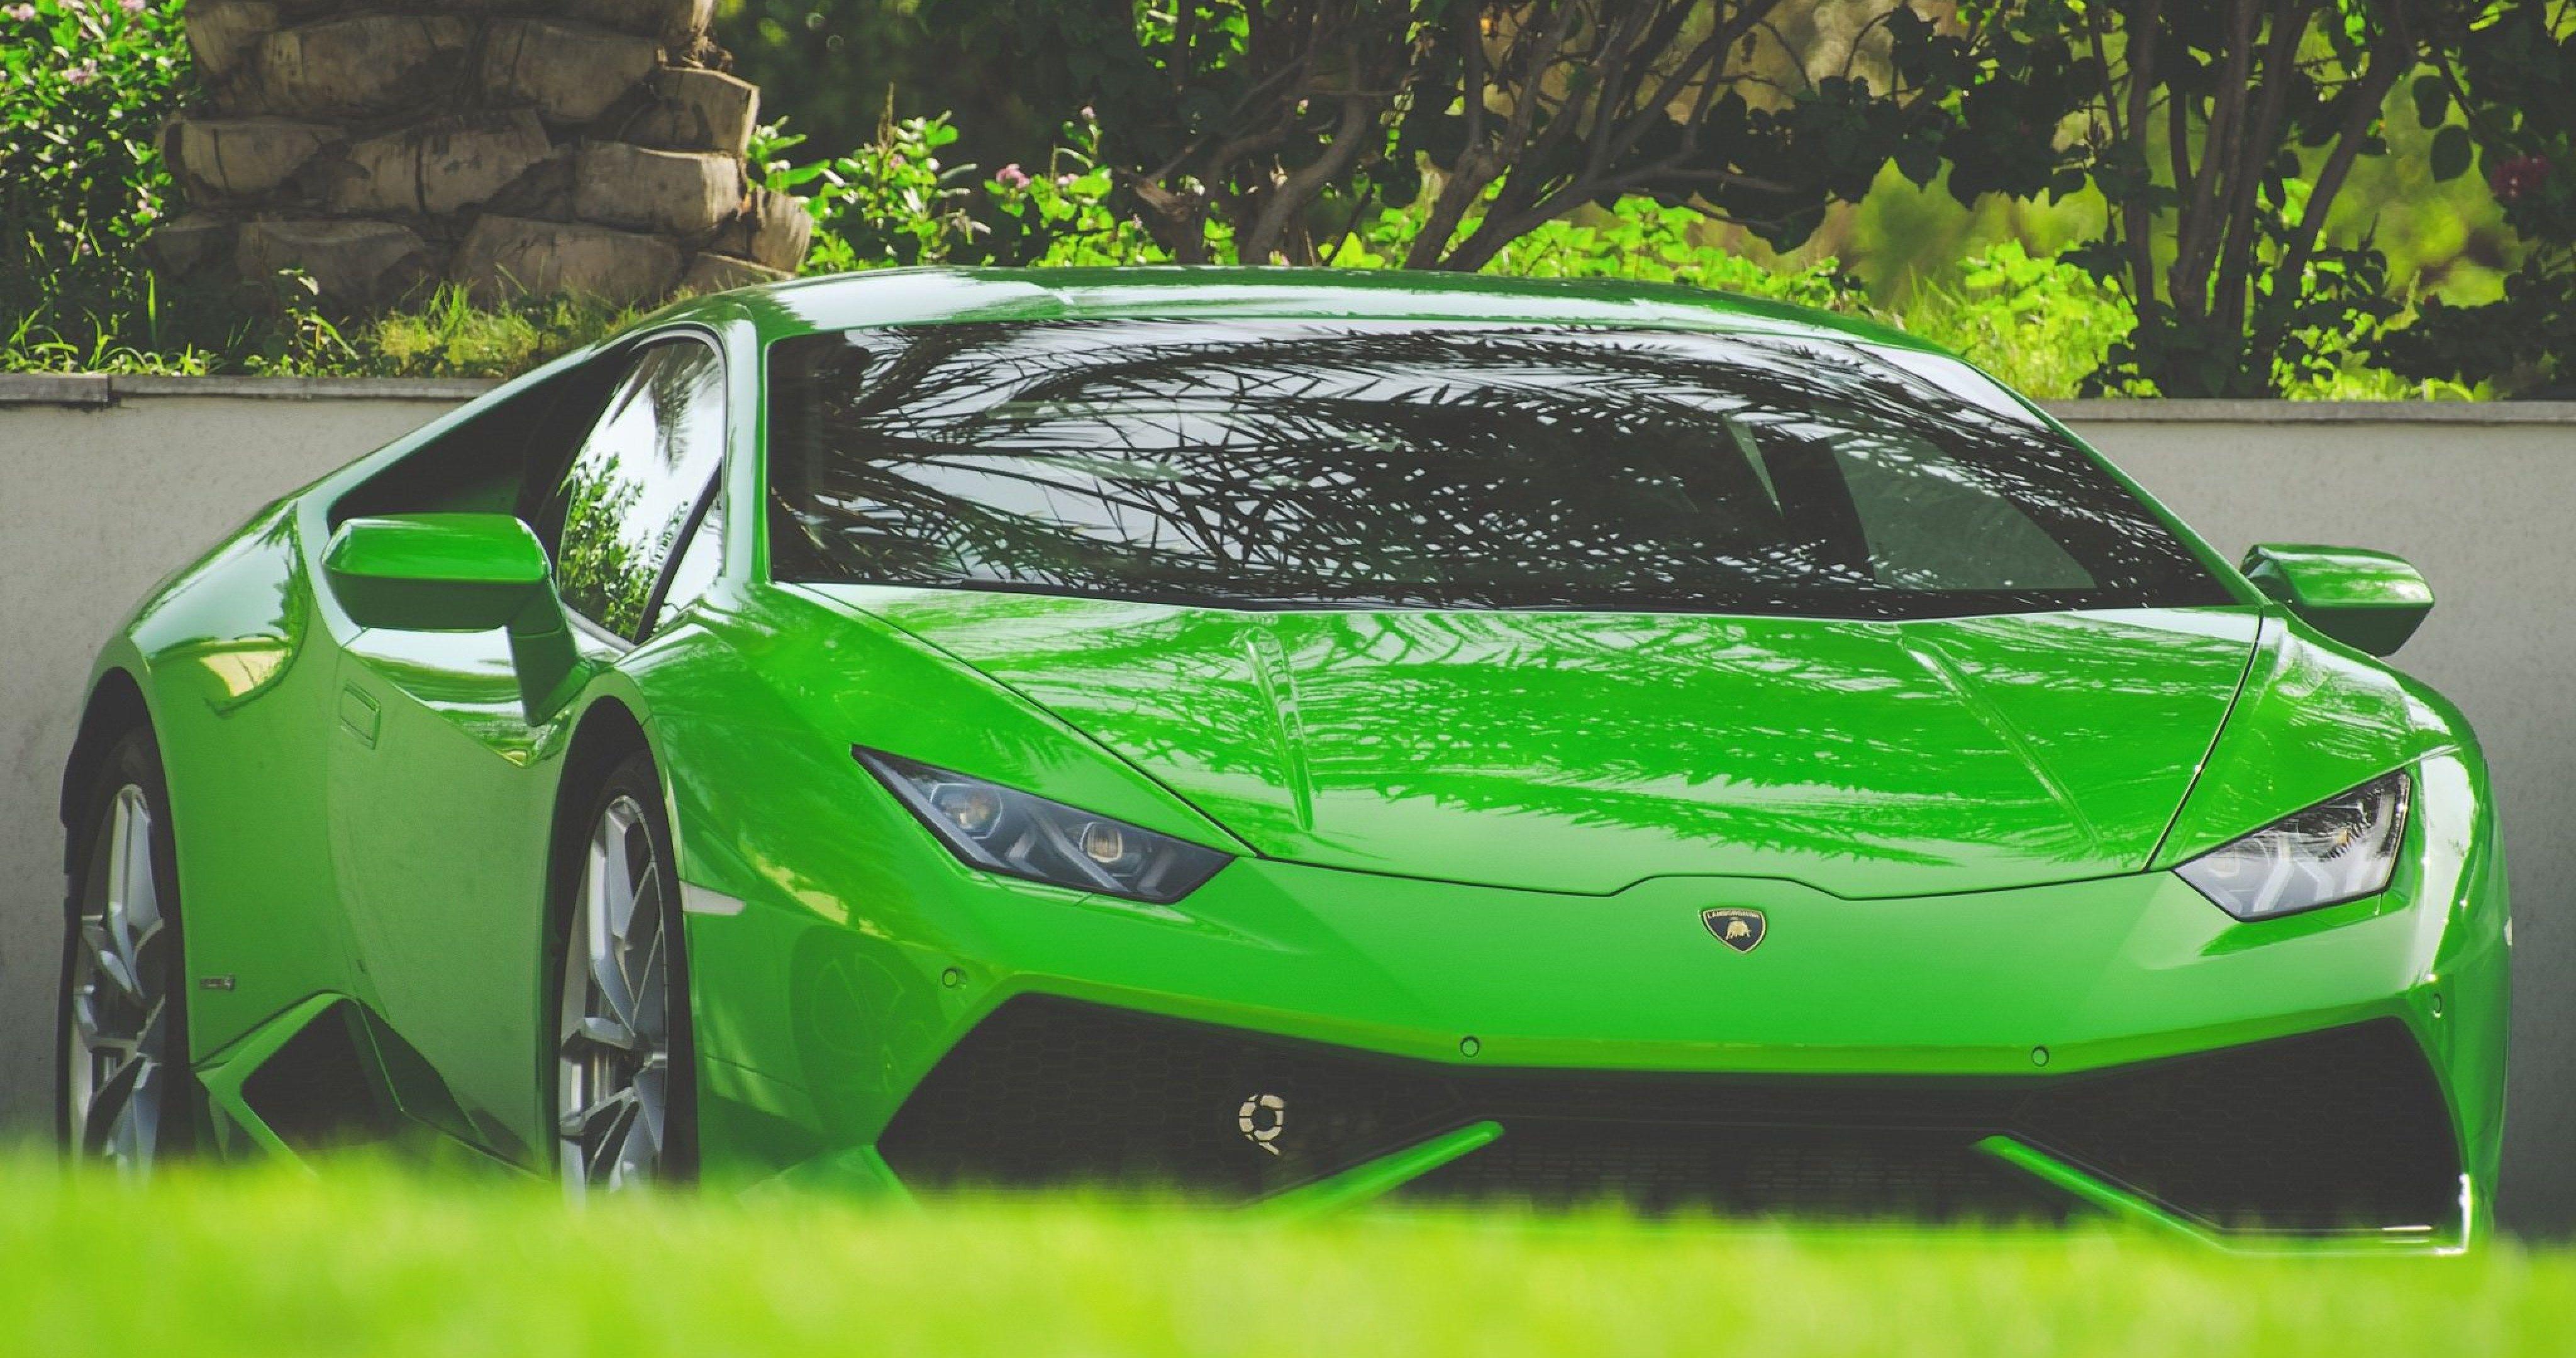 Lamborghini Aventador Green 4k Hd Cars 4k Wallpapers: Lamborghini Huracan Green 4k Ultra Hd Wallpaper